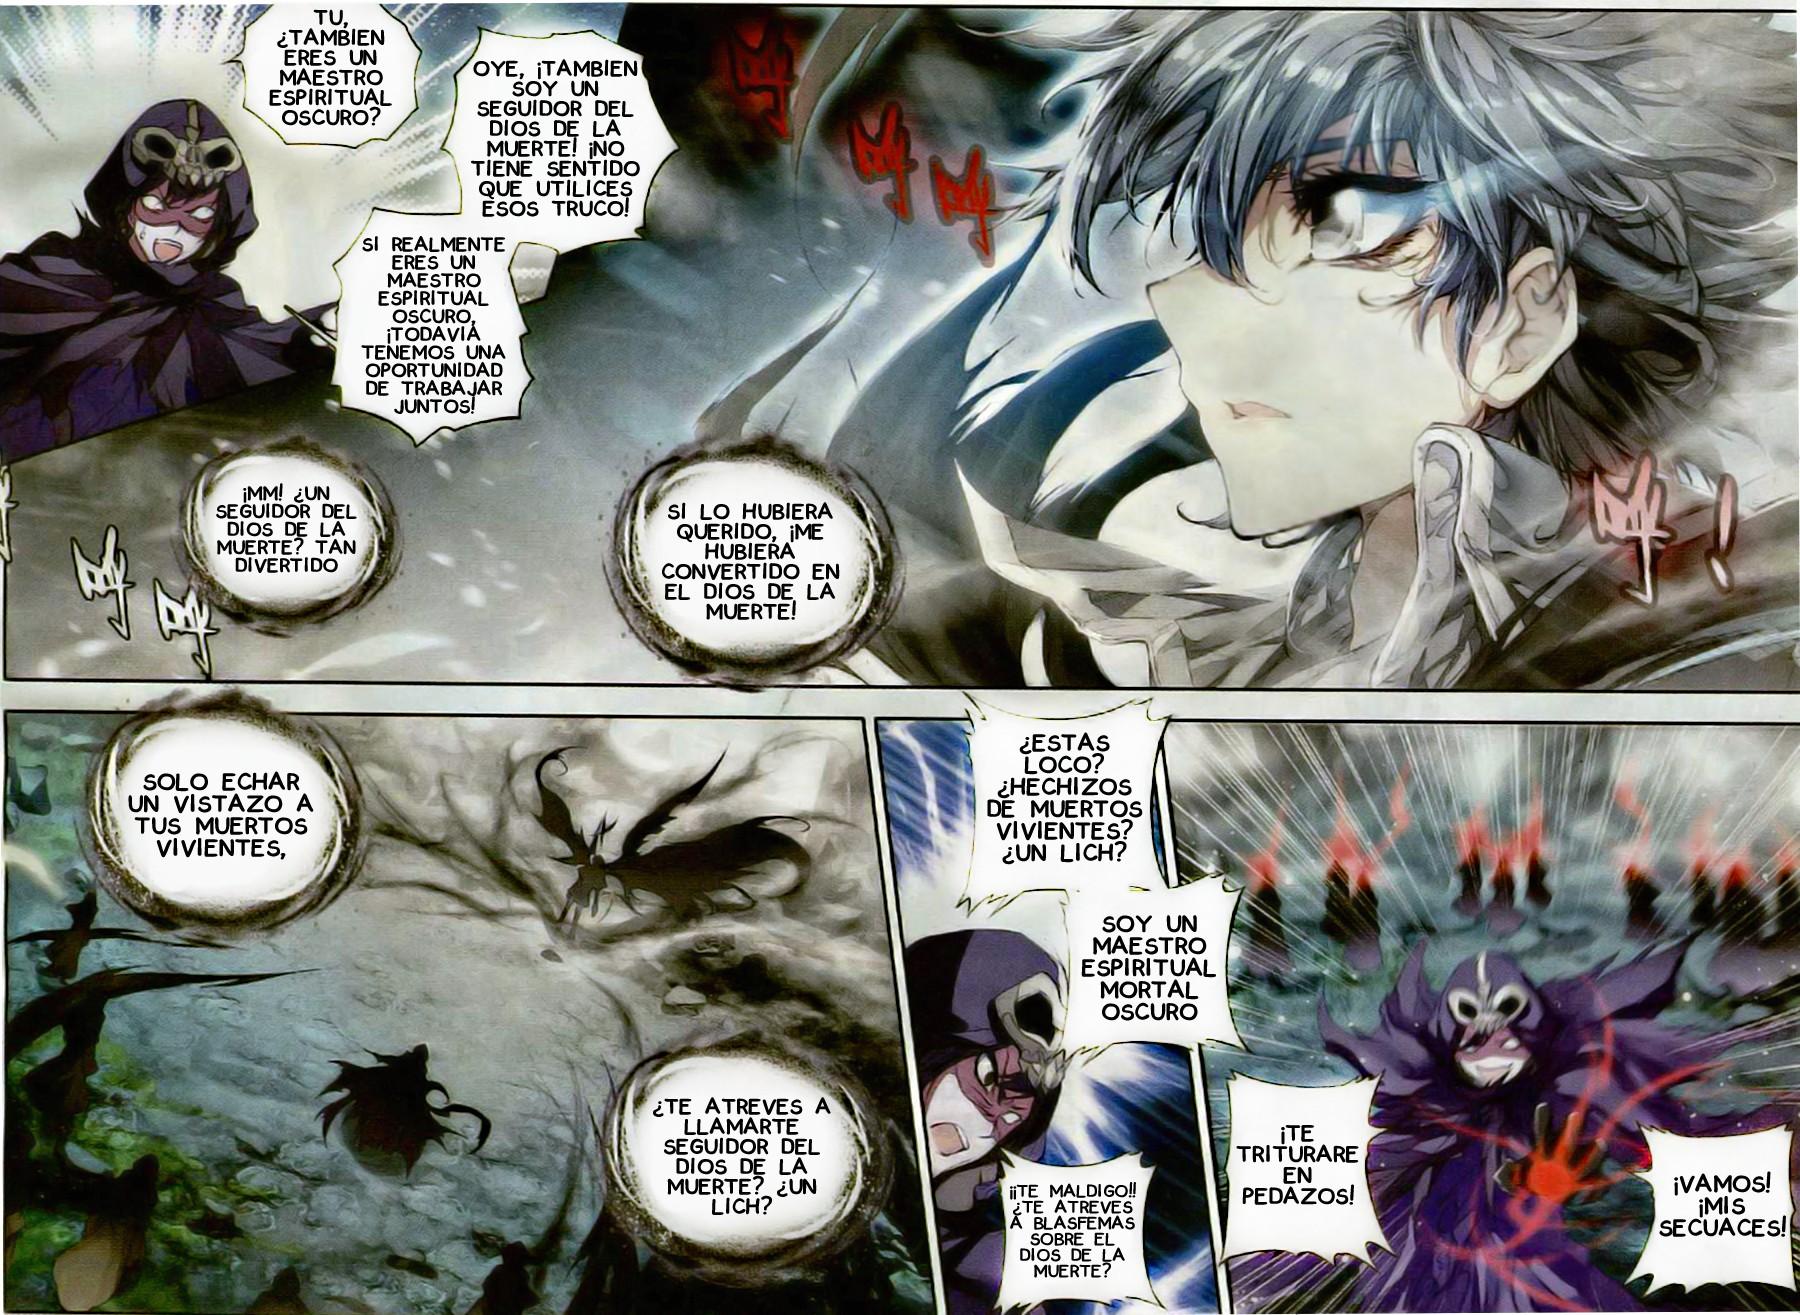 http://c5.ninemanga.com/es_manga/33/16417/437818/40c48dab939a482f04dcecde07e27de6.jpg Page 8